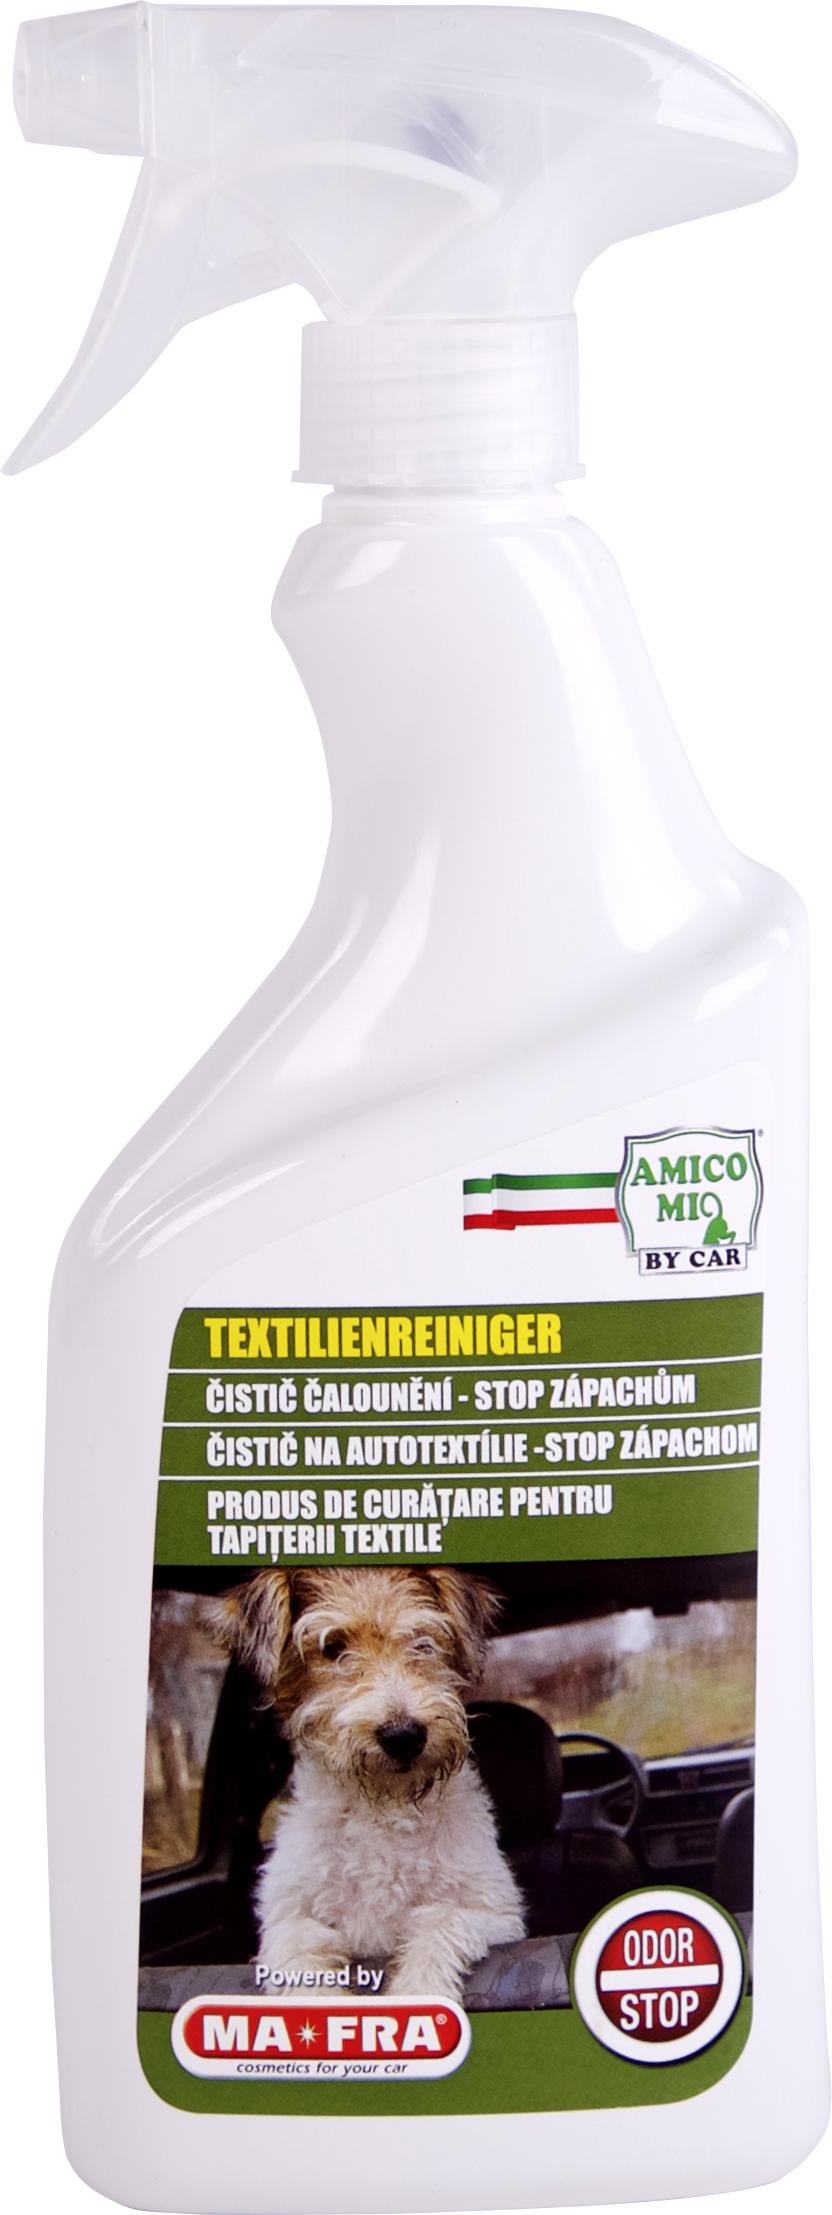 Ma-fra® Amico Mio - Čistič čalounění 500 ml